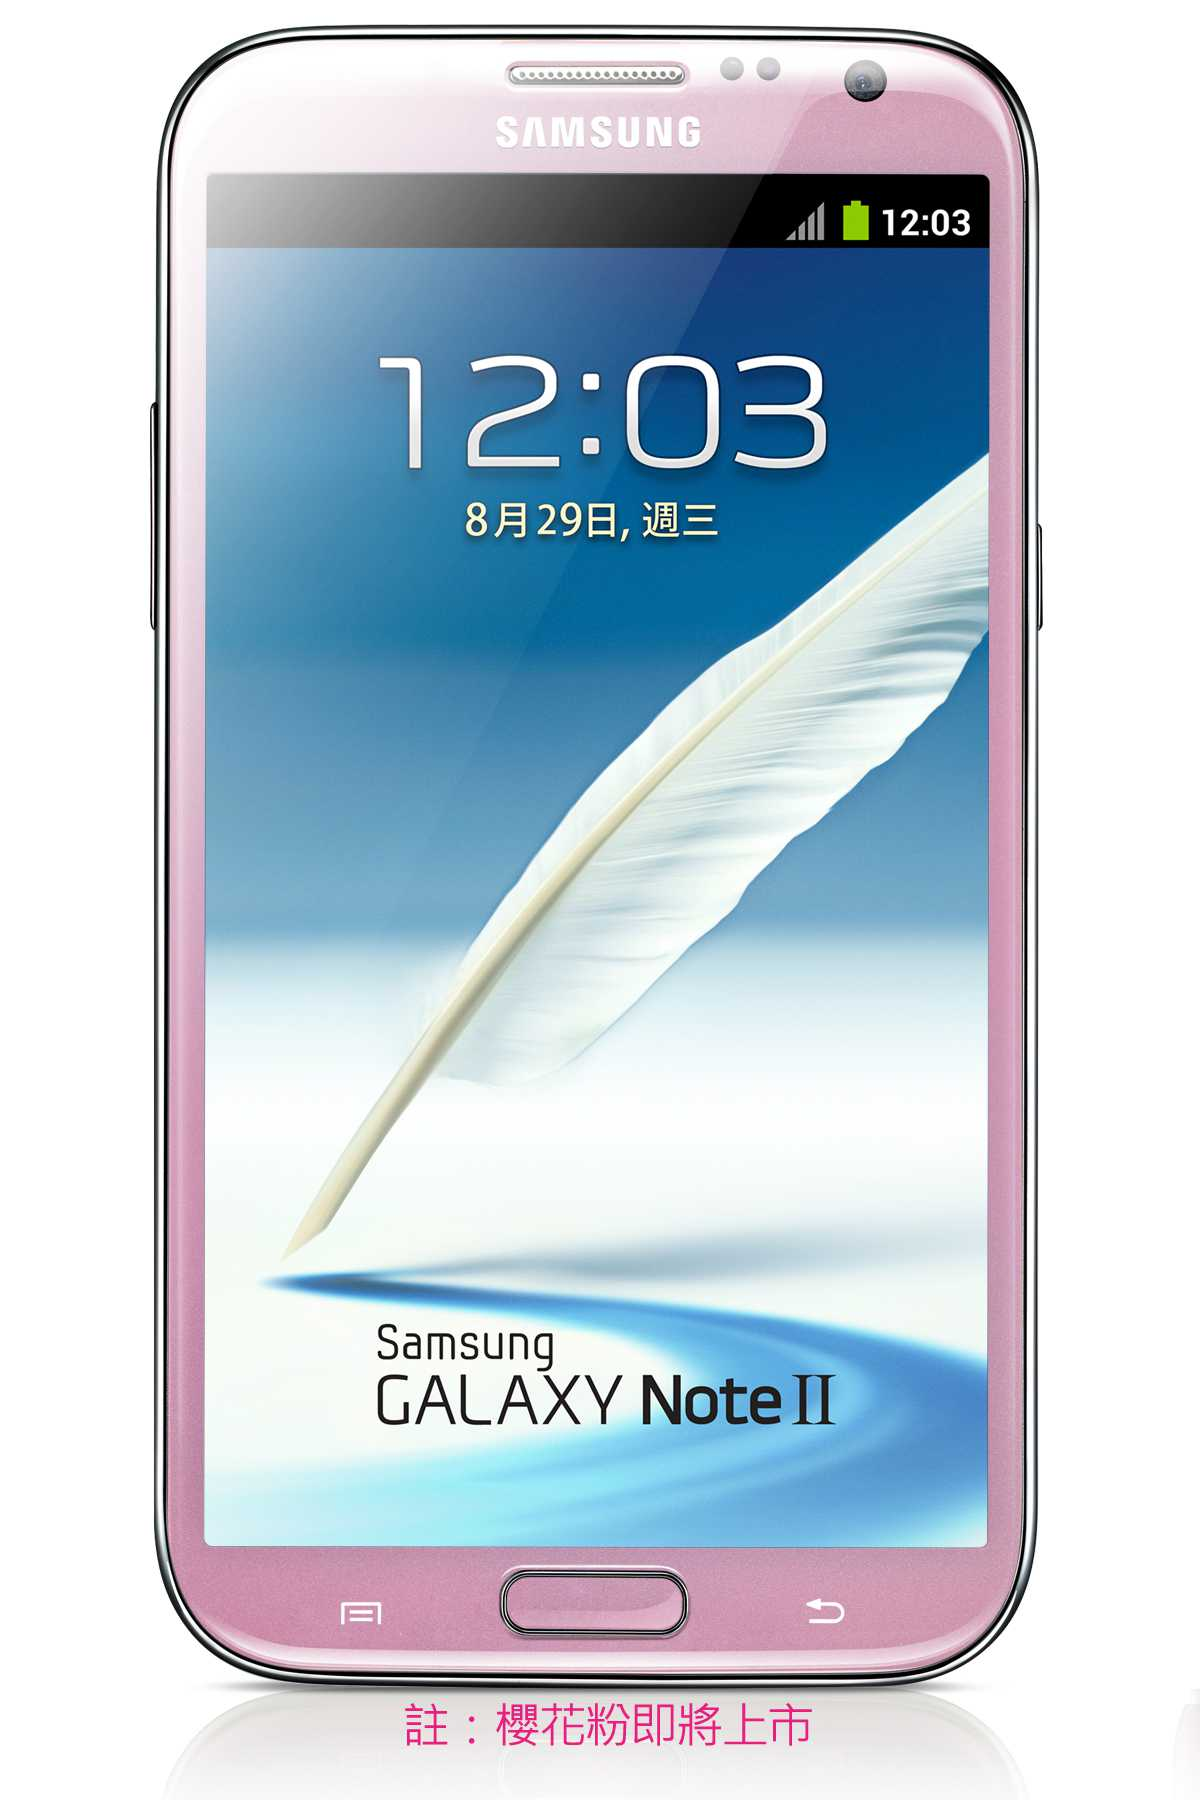 Samsung Galaxy Note II rosa annunciato ufficialmente da Samsung